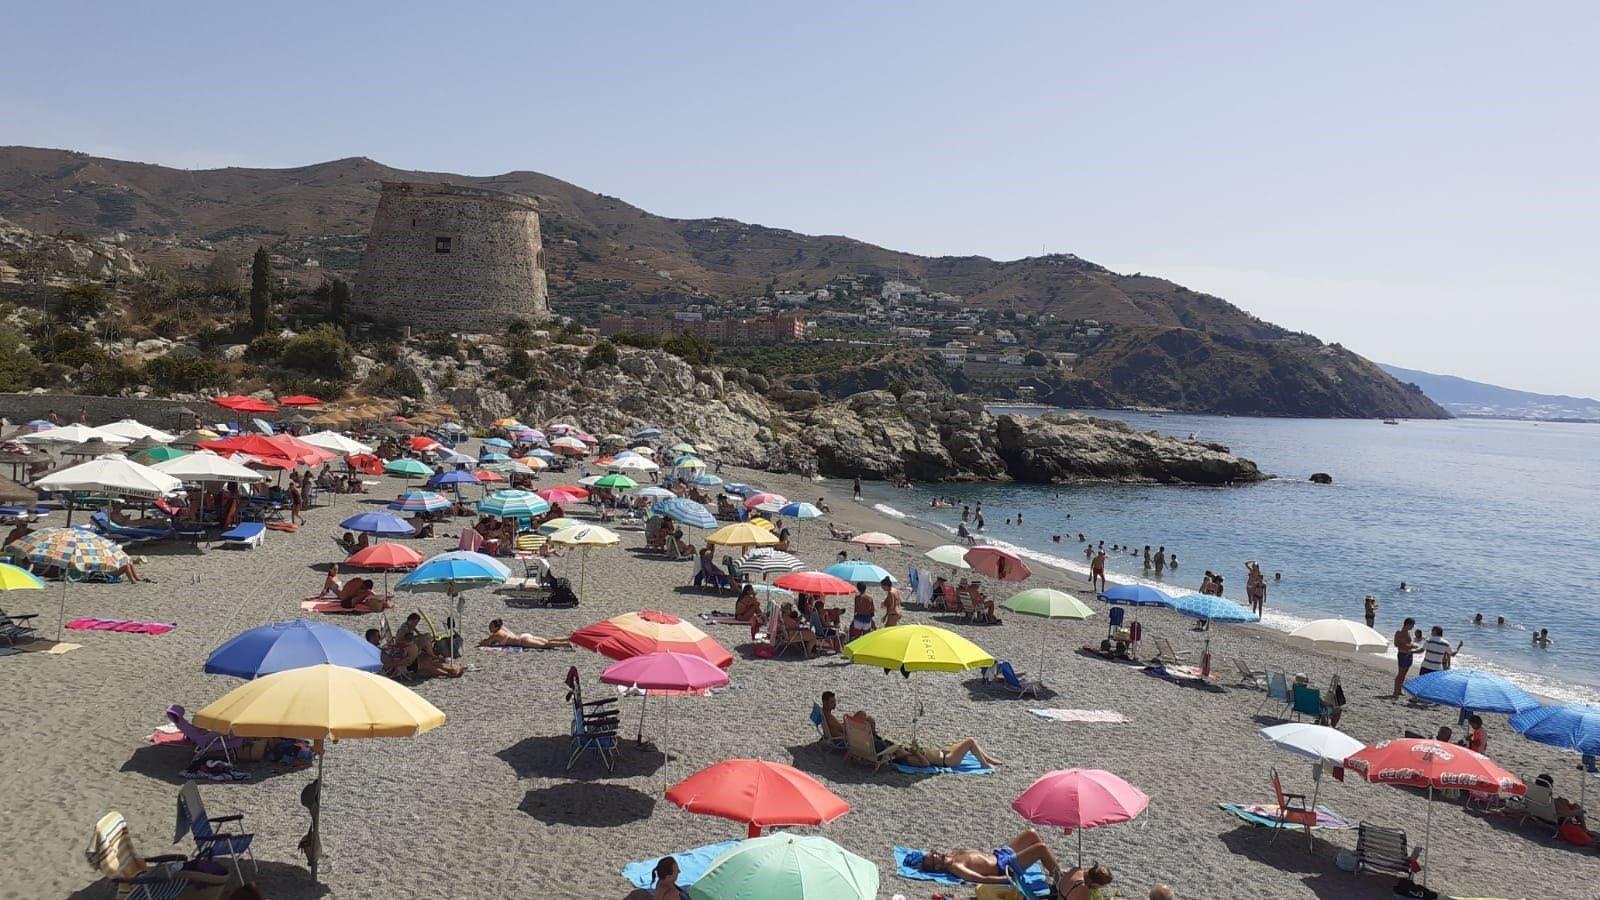 Regulan el acceso en seis playas de Almuñécar tras completar aforo al mediodía